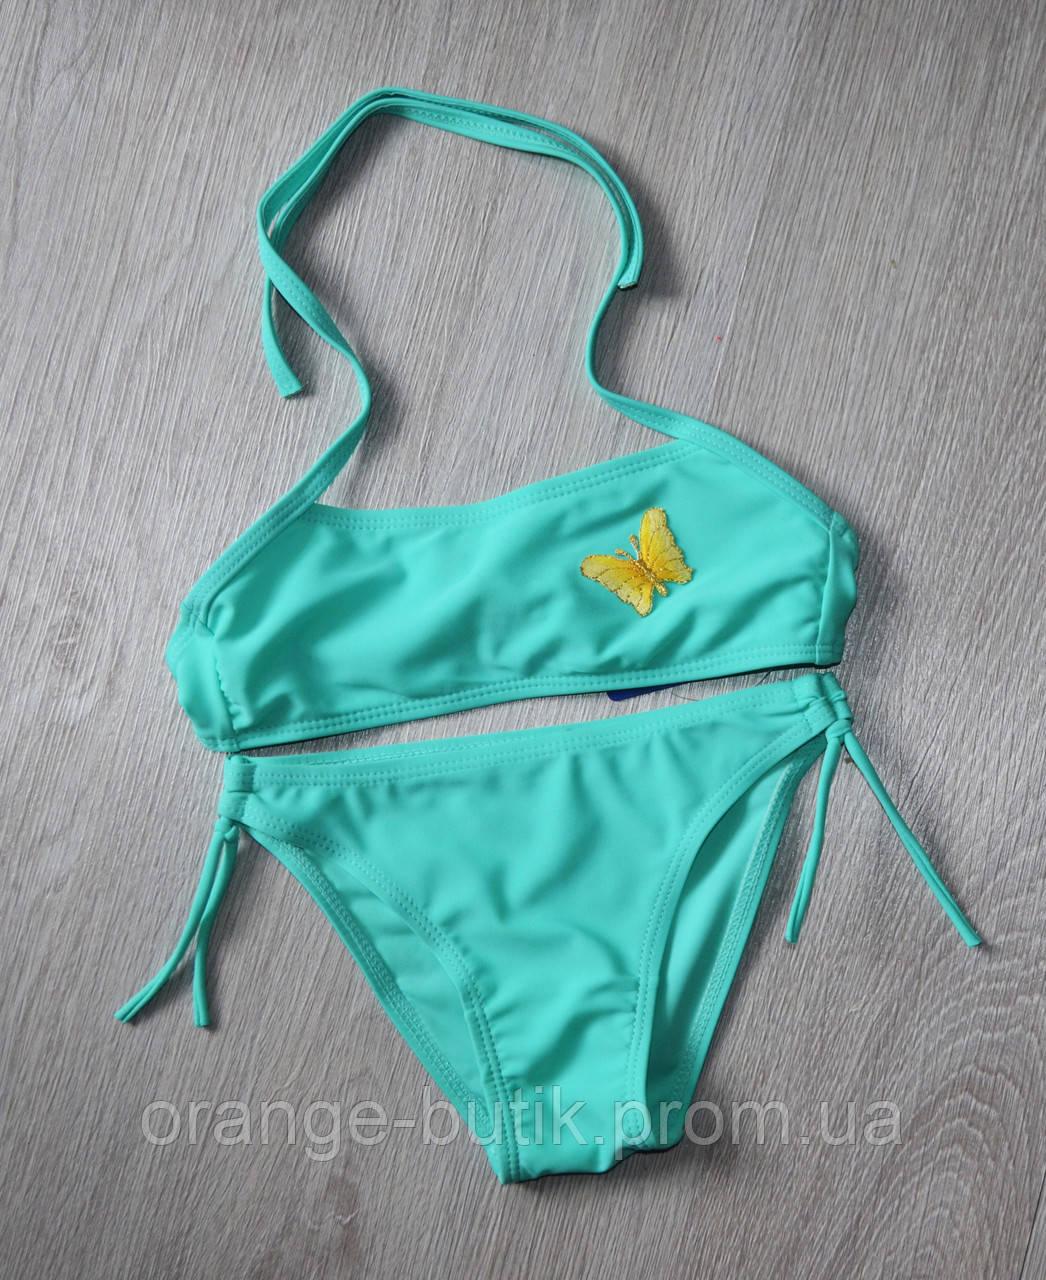 df08e56174f6d Однотонный купальник для девочек с бабочкой - Интернет-магазин